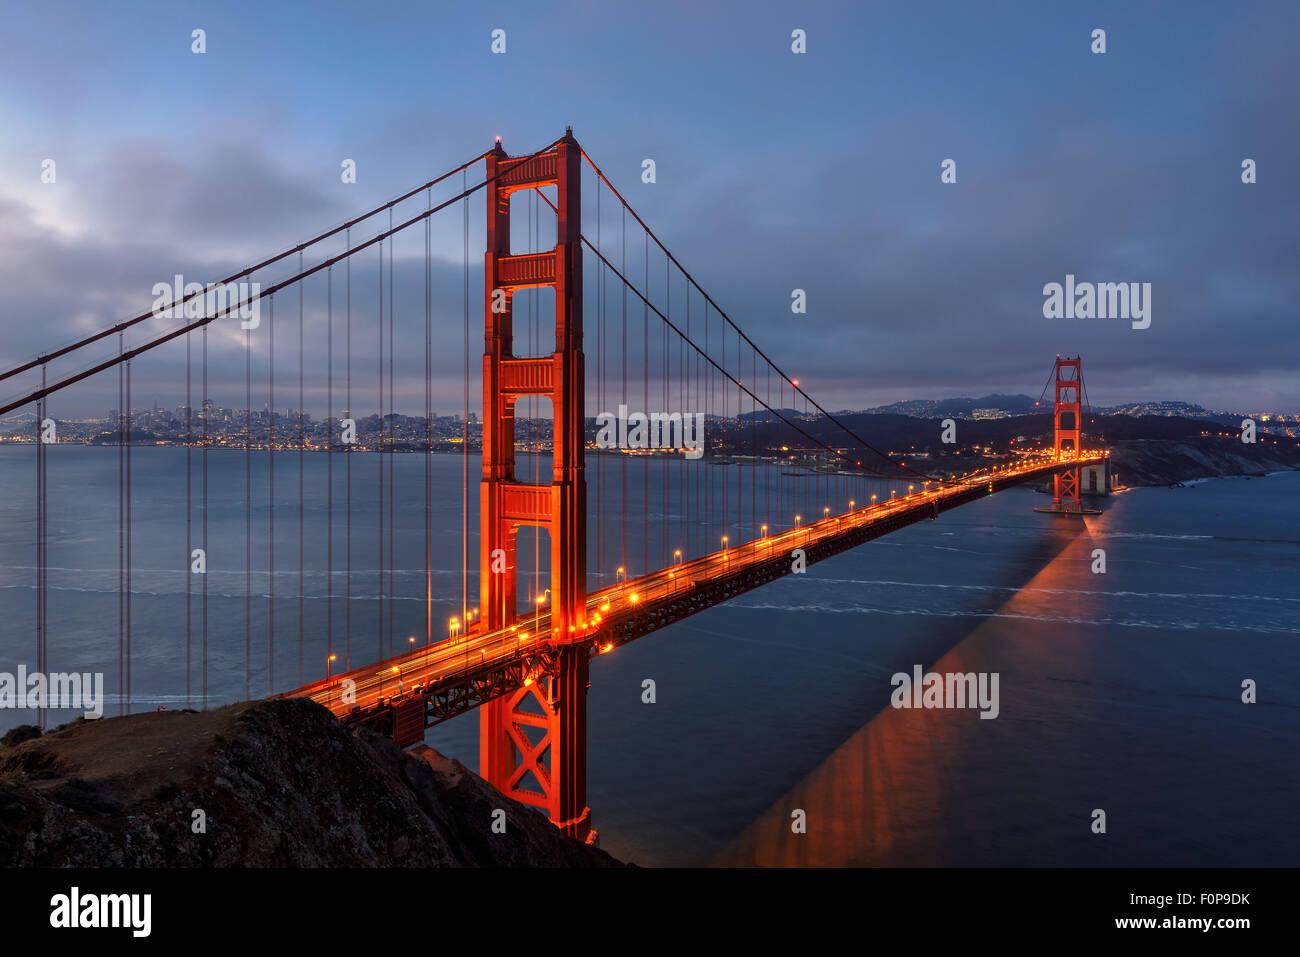 Famoso Puente Golden Gate, en San Francisco, por la mañana, EE.UU. Imagen De Stock